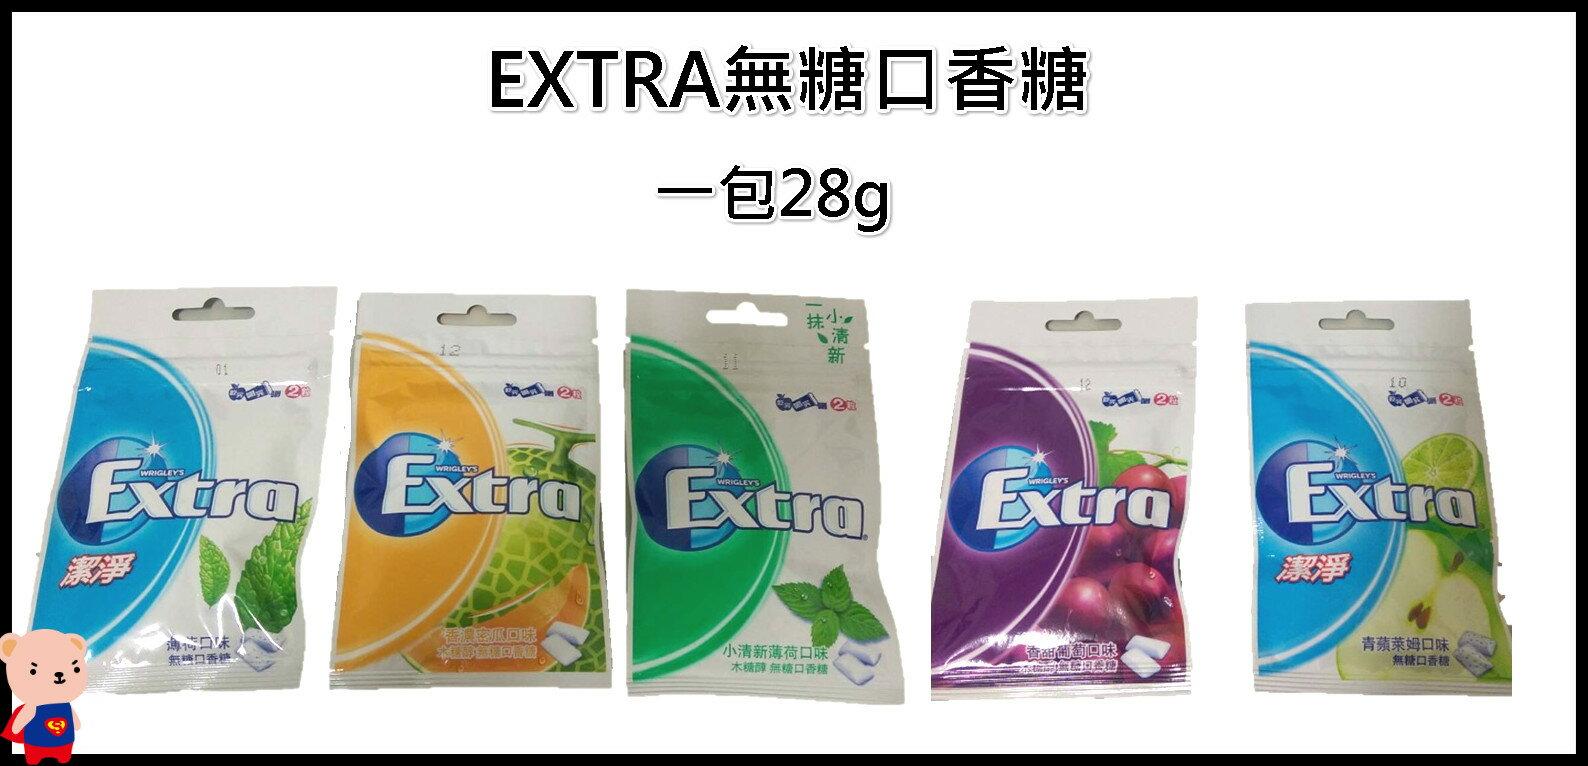 口香糖 EXTRA無糖口香糖 無糖 一包28g 青蘋萊姆 薄荷 哈密瓜 蘋果 萊姆 超涼 提神 熬夜